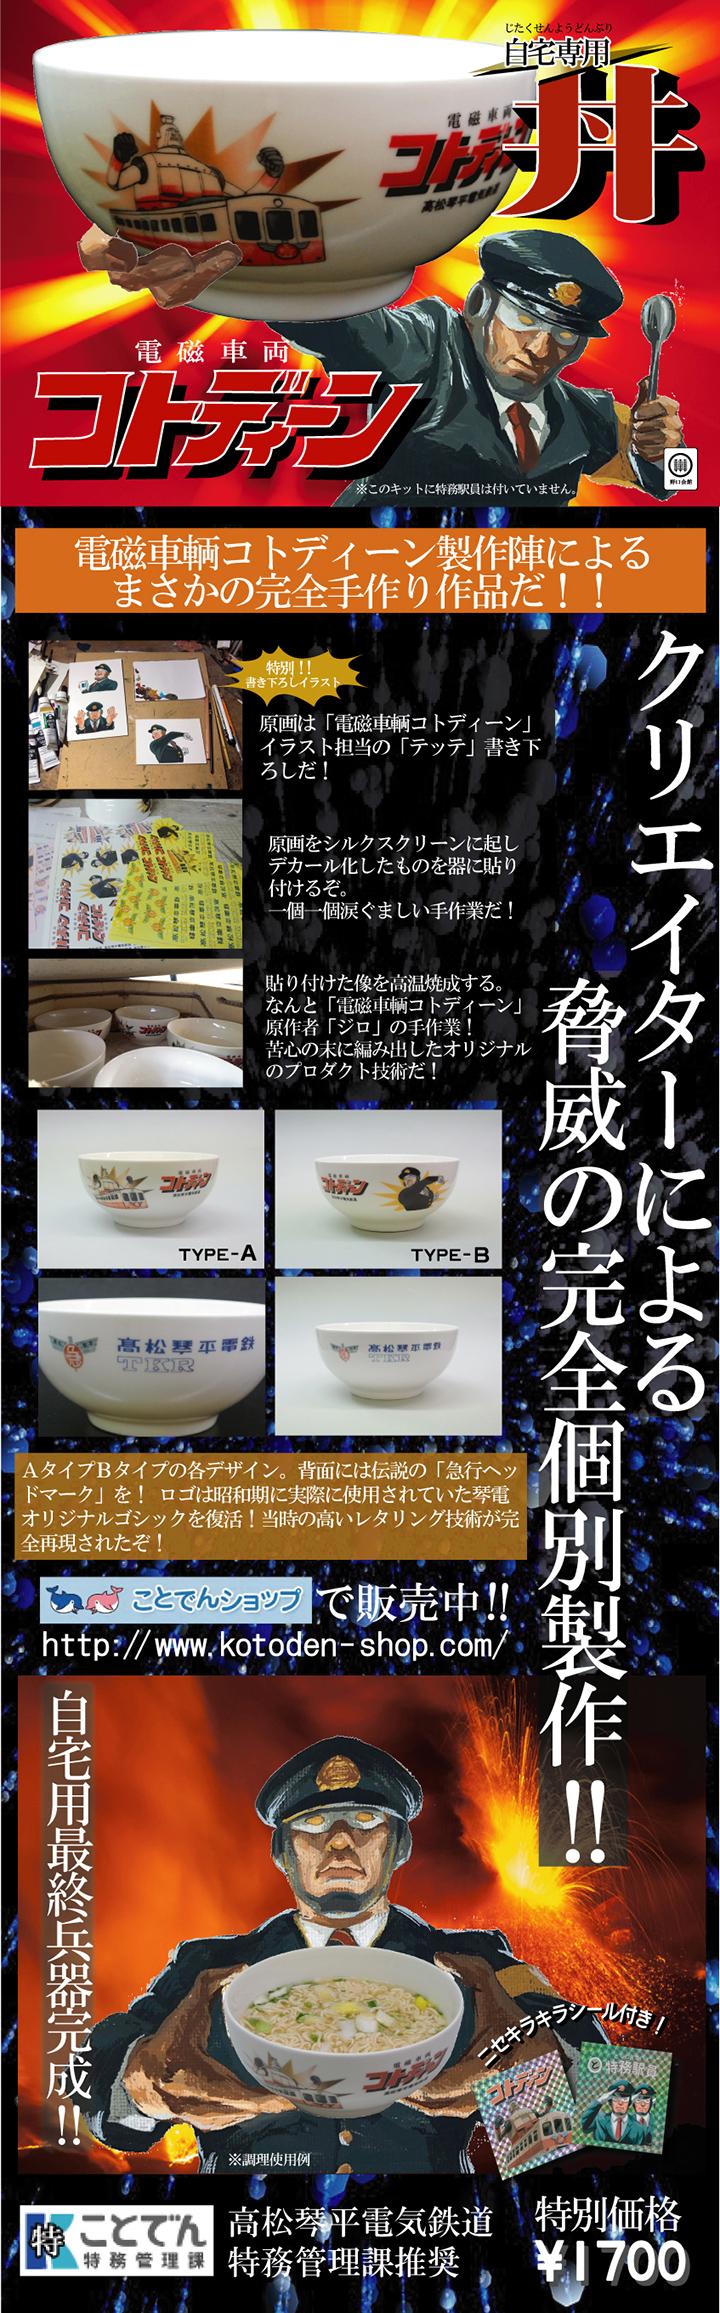 自宅専用 丼 - 電磁車輌コトディーン関連商品